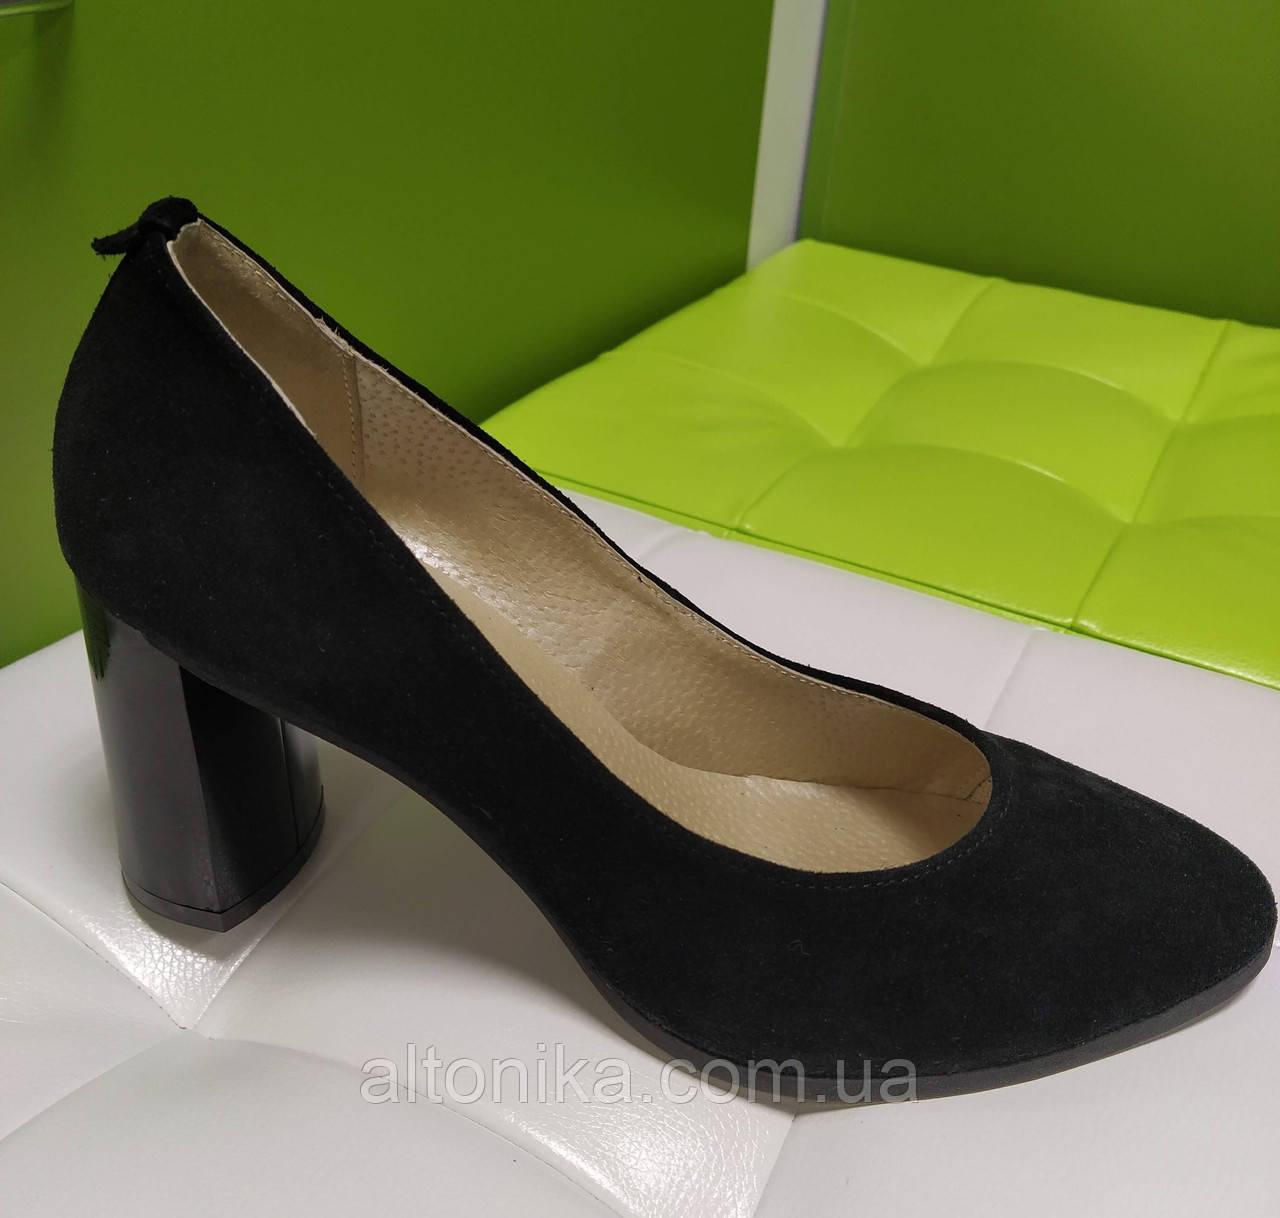 STTOPA 44р-29 см. Размеры 33-44! Туфли кожаные больших размеров. Каблук 8 см. Черные. С7-17-4144-8-3344